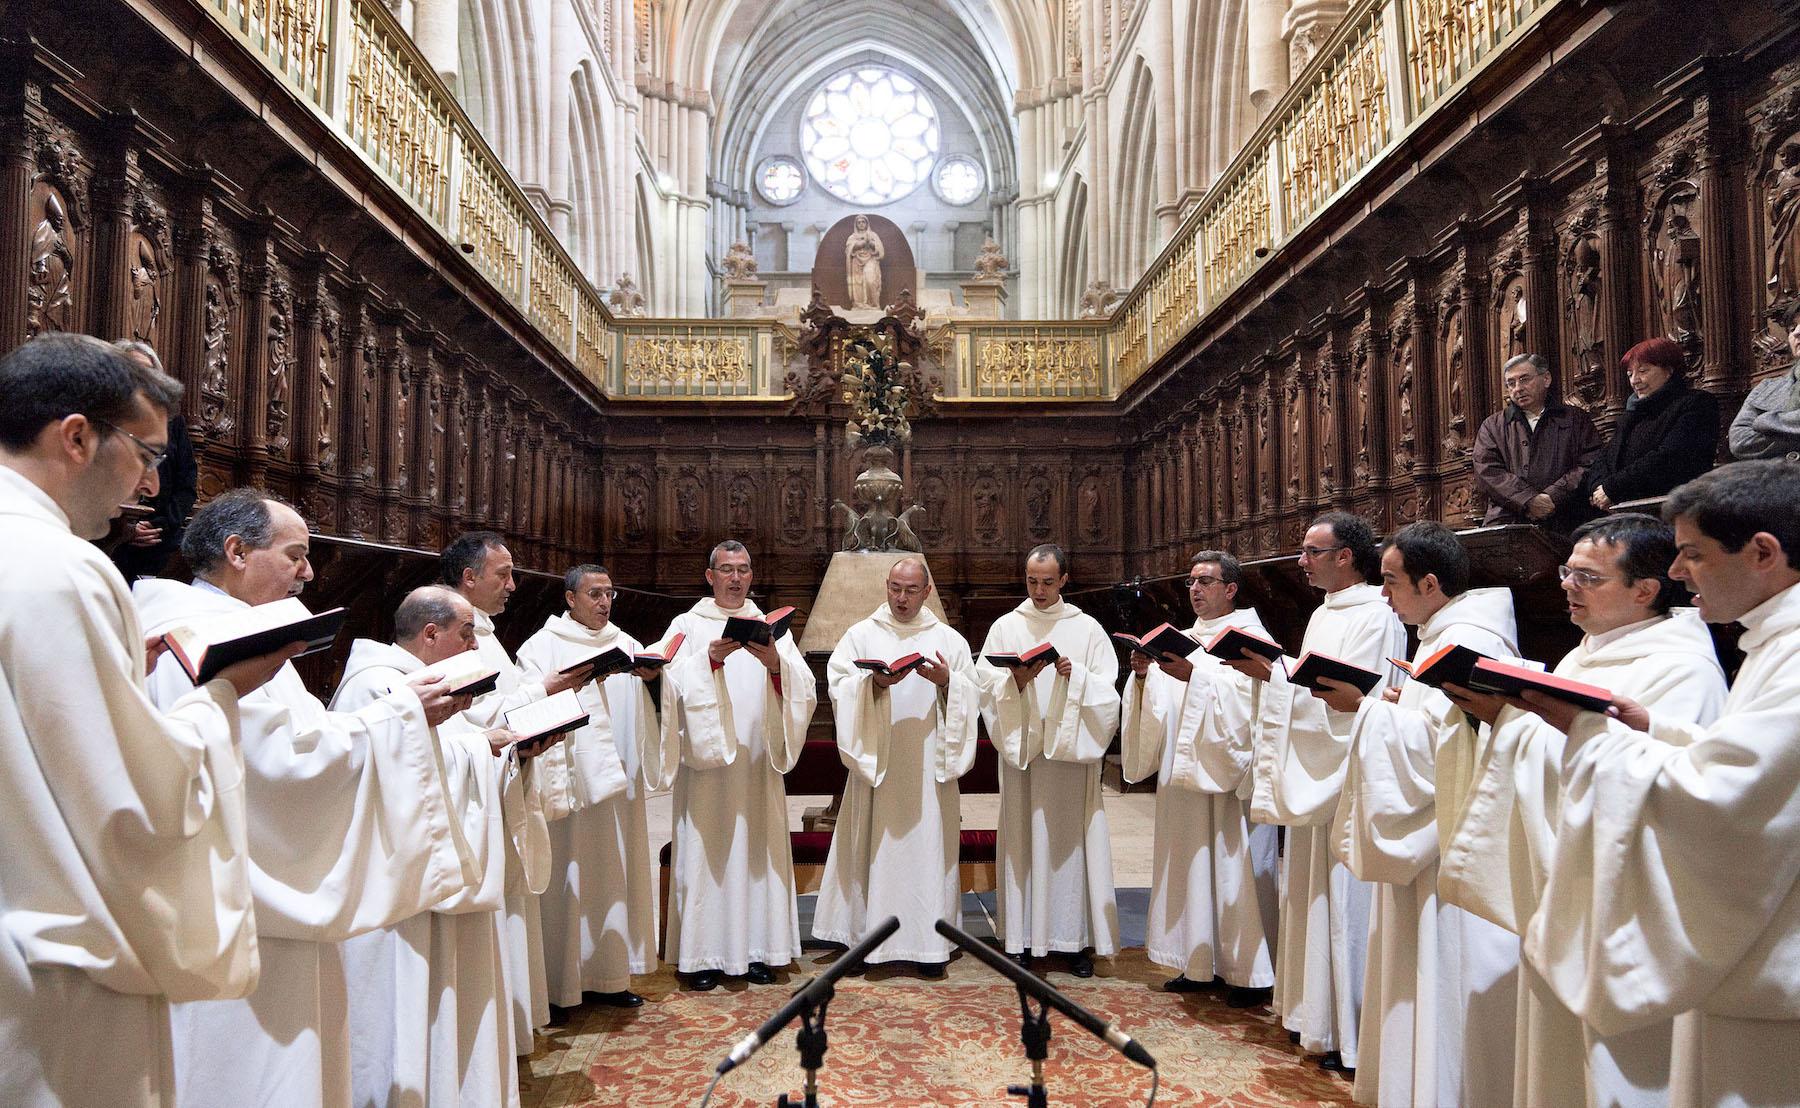 Schola Antiqua, la Escolanía de Segovia y la Capilla Jerónimo de Carrión rinde homenaje a San Frutos en la Catedral de Segovia